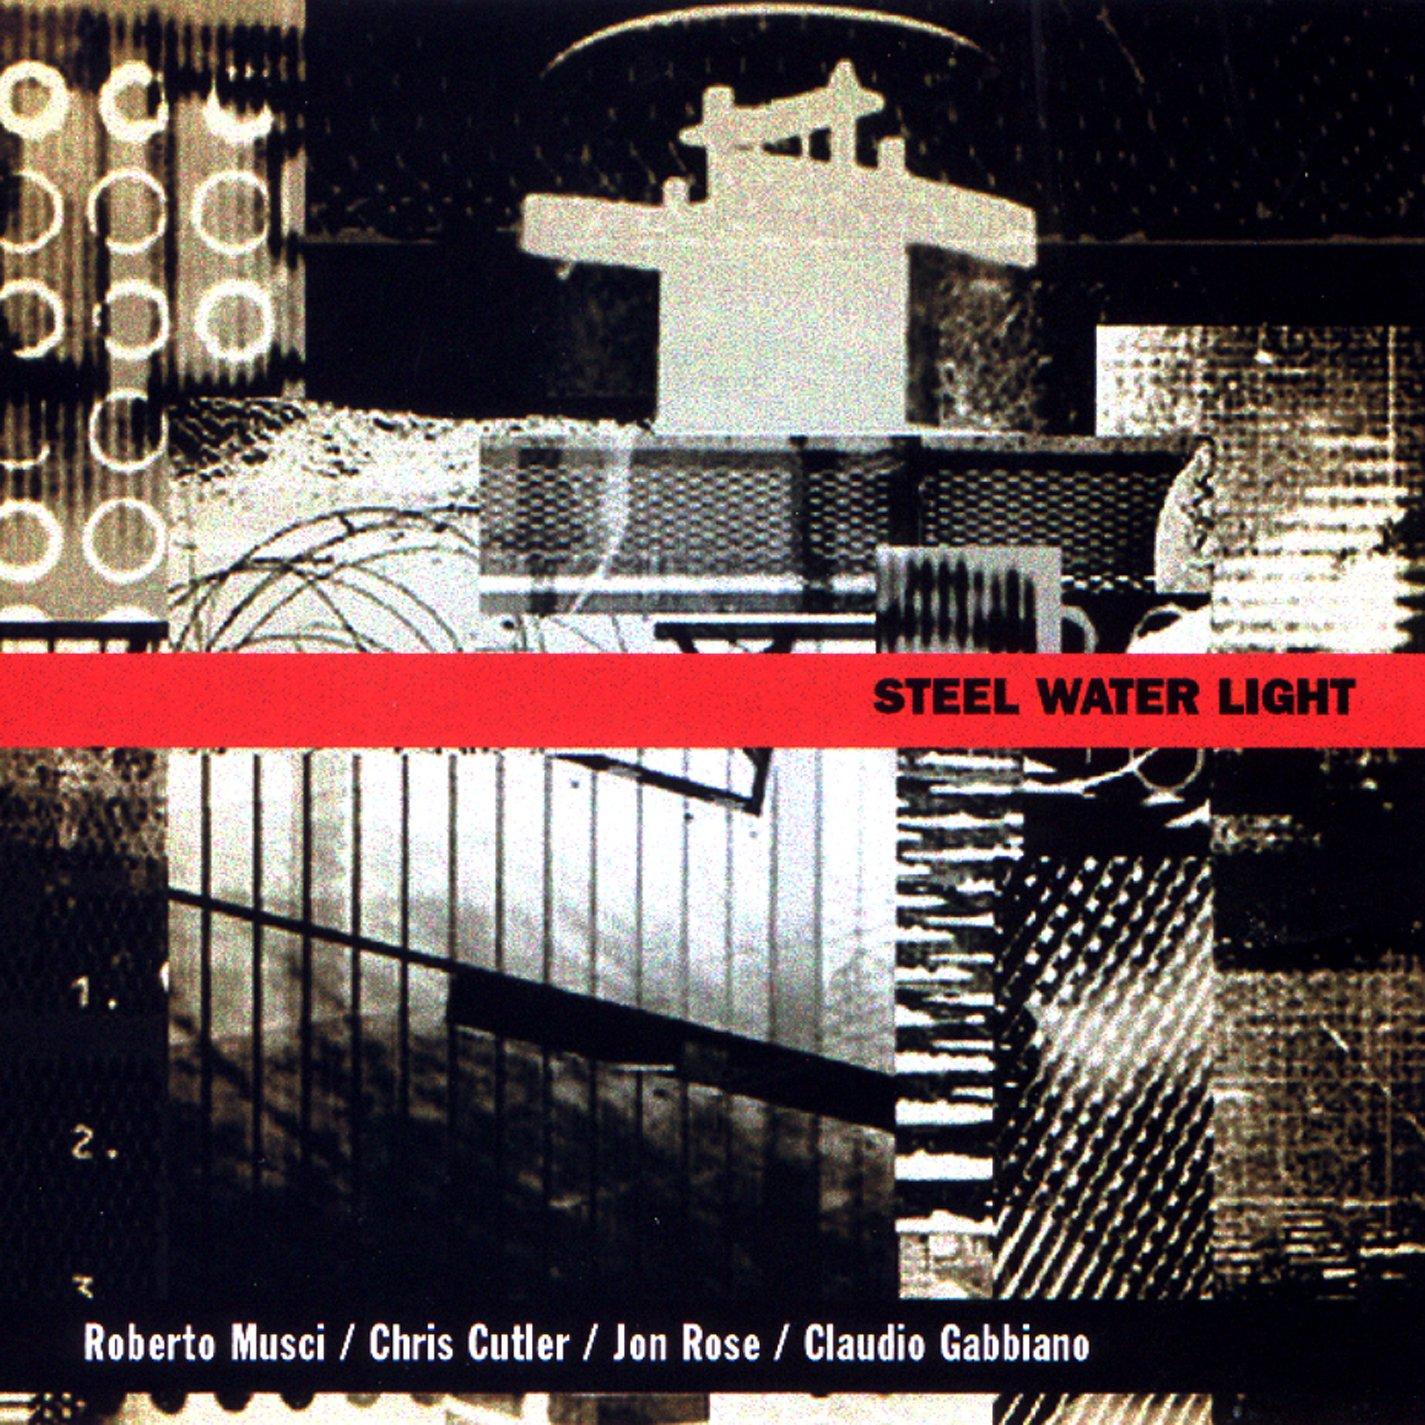 Steel Water Light